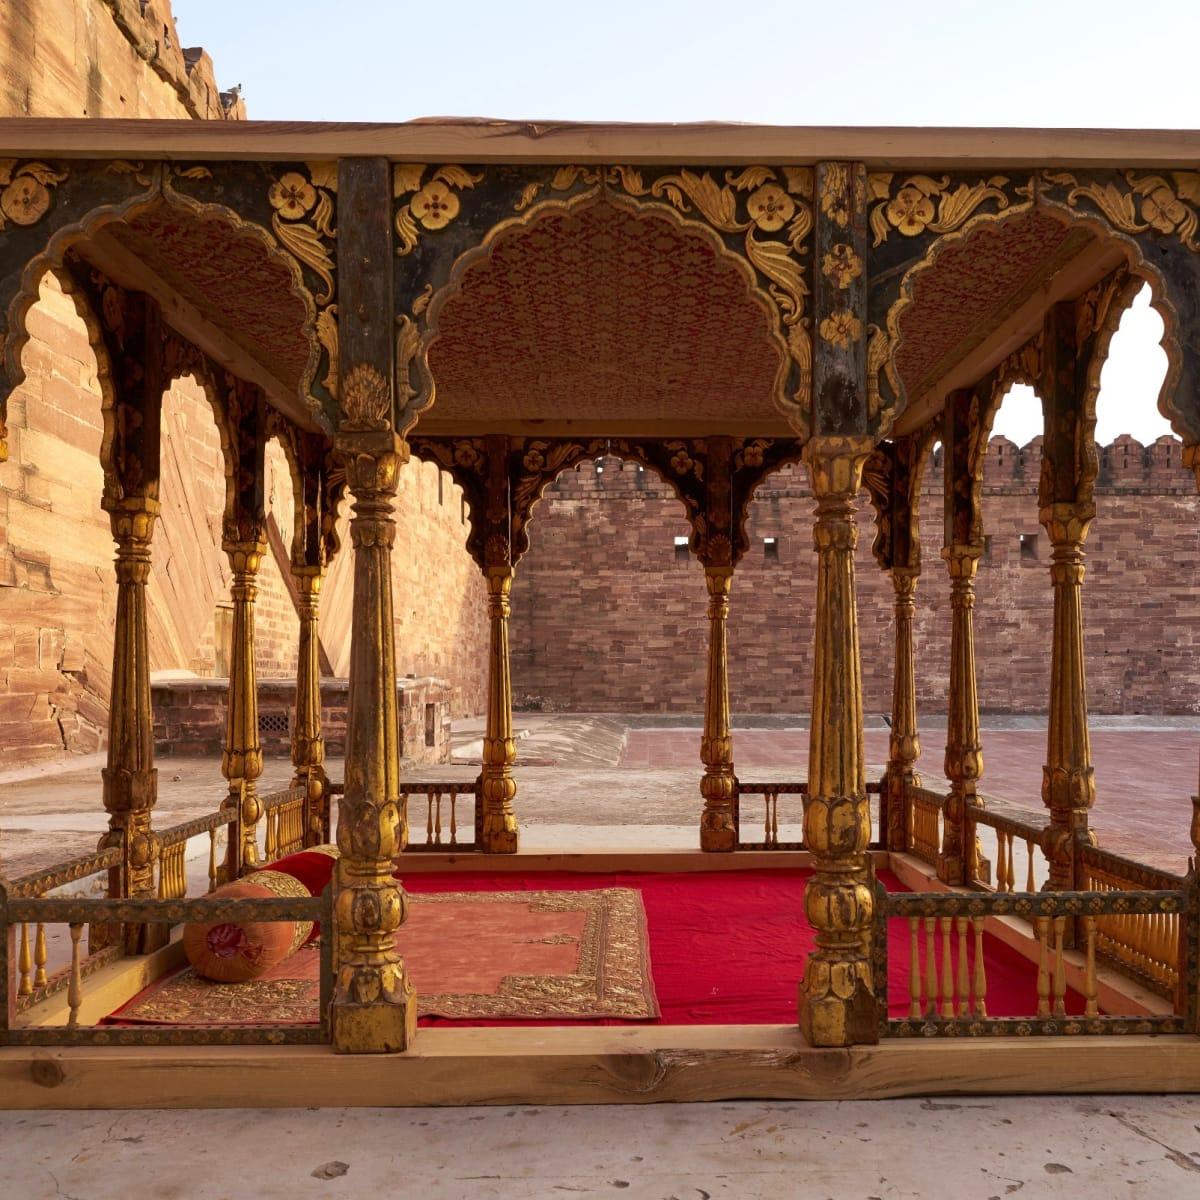 MFAH: Peacock in the Desert, Pavilion (Baradari)